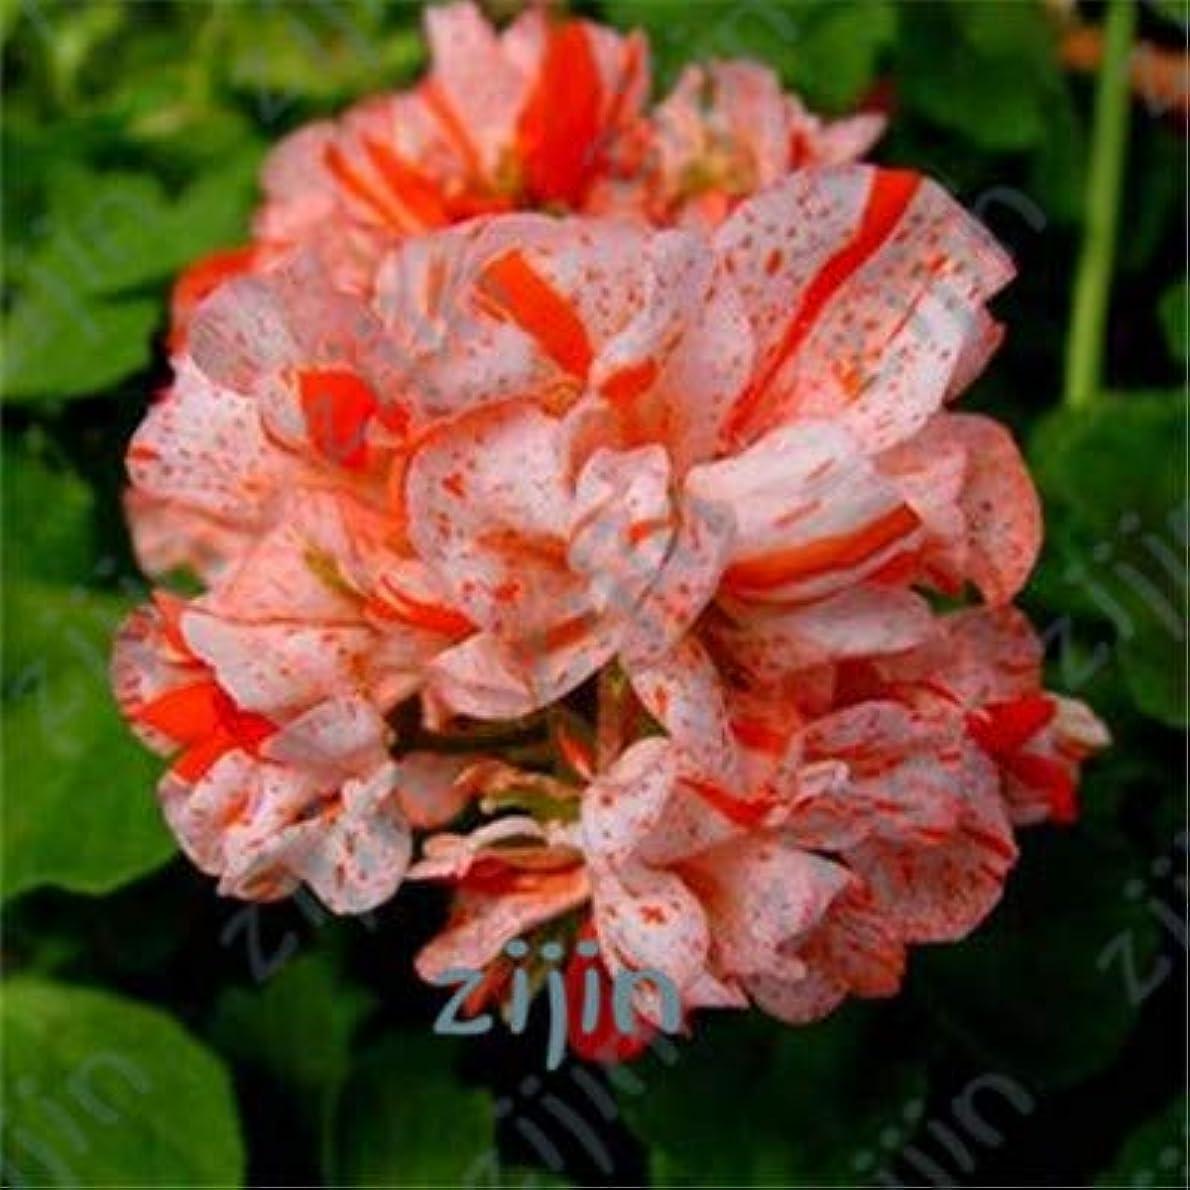 エール偽善接続詞100個ゼラニウム盆栽、庭の多年生フルールGraineゼラニウム、ペラルゴニウムゾナール盆栽、観葉植物ゼラニウムの花の穀物:ダークカーキ